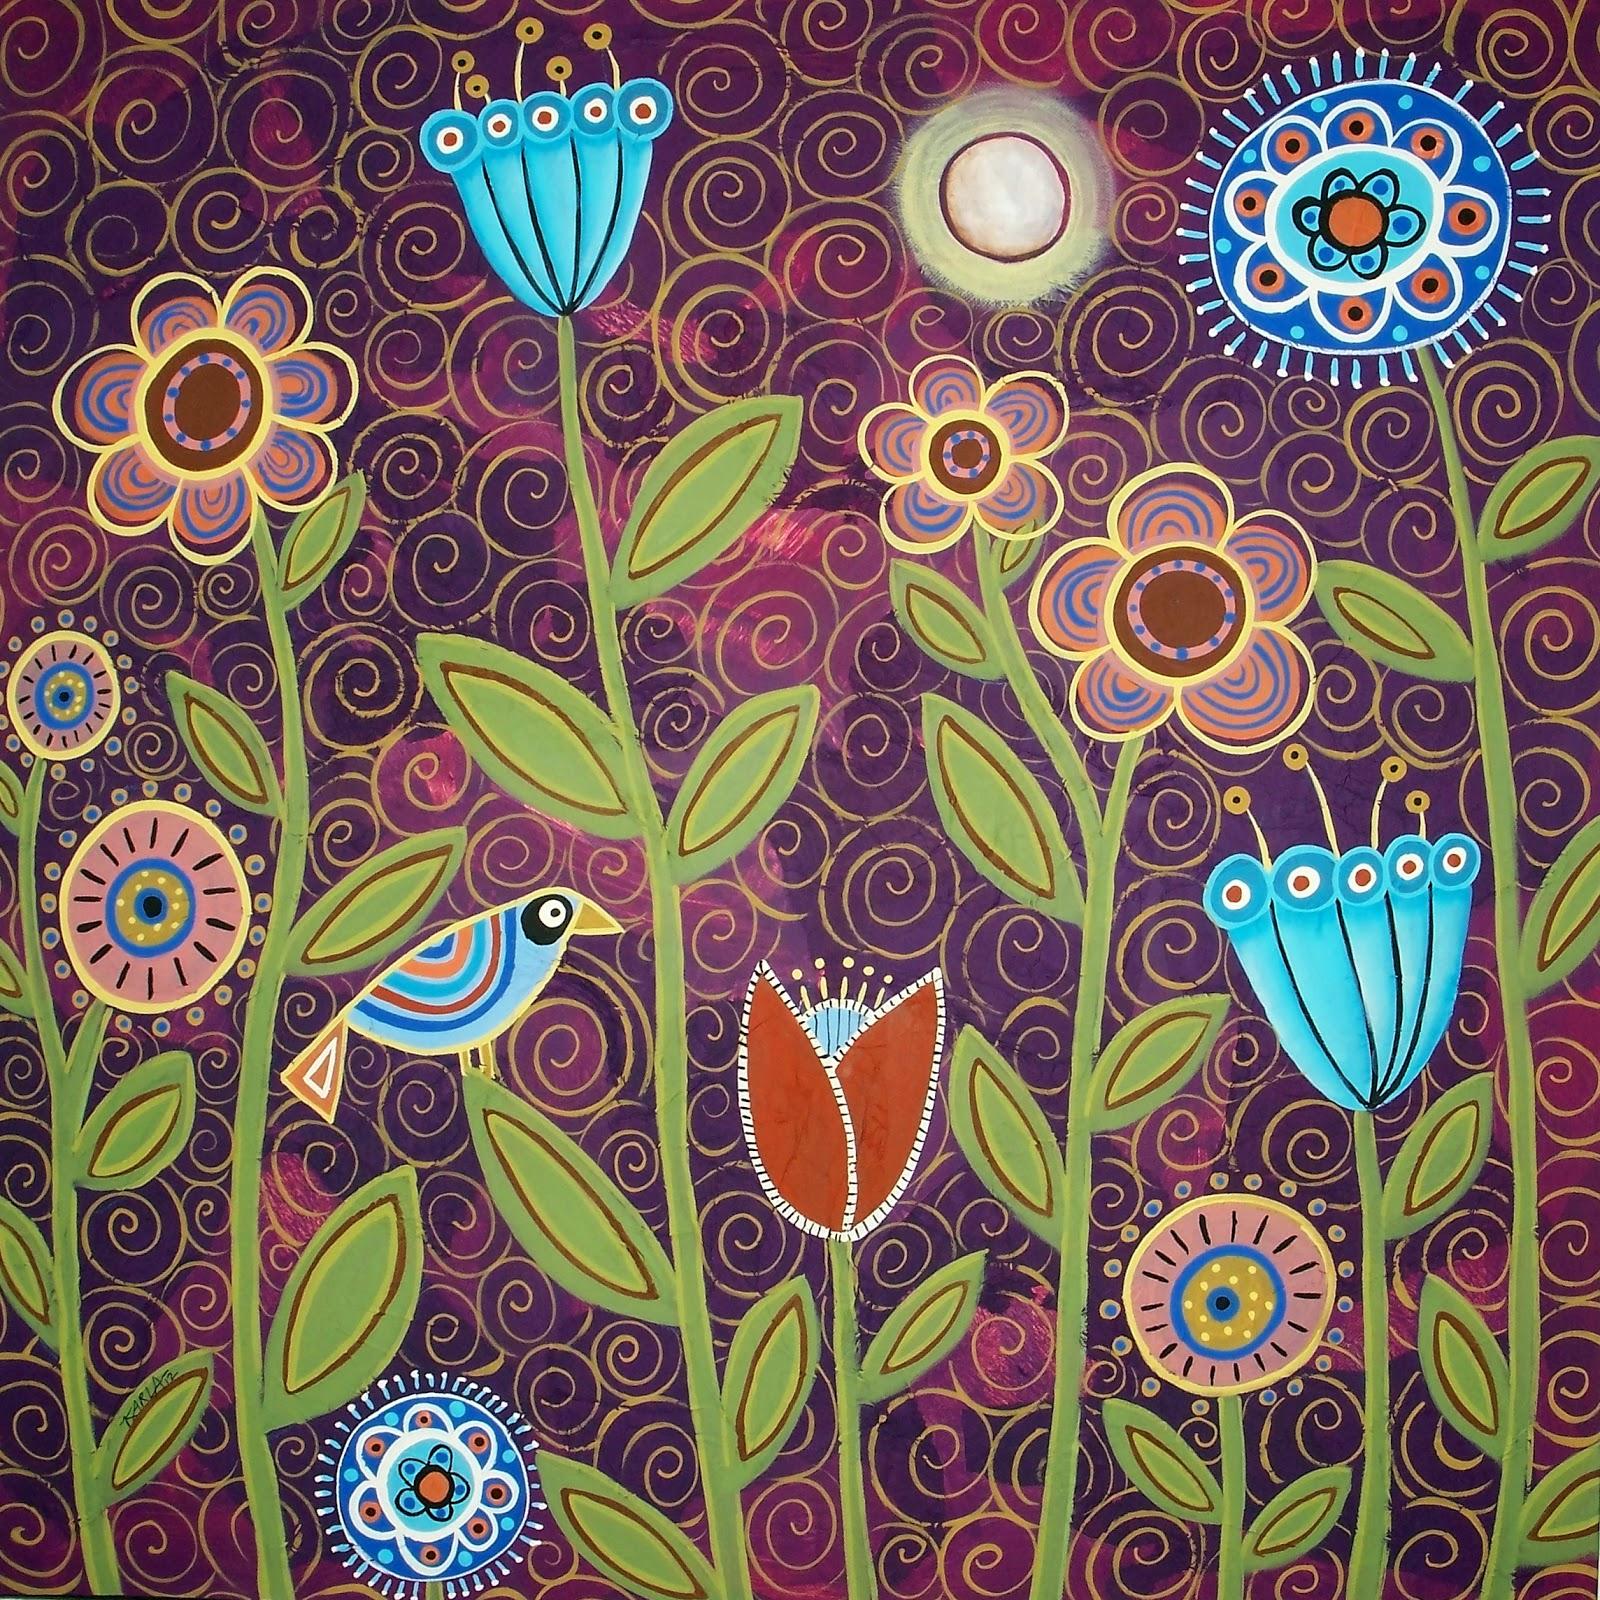 karla gerard art: Moonlit Blooms by Karla Gerard